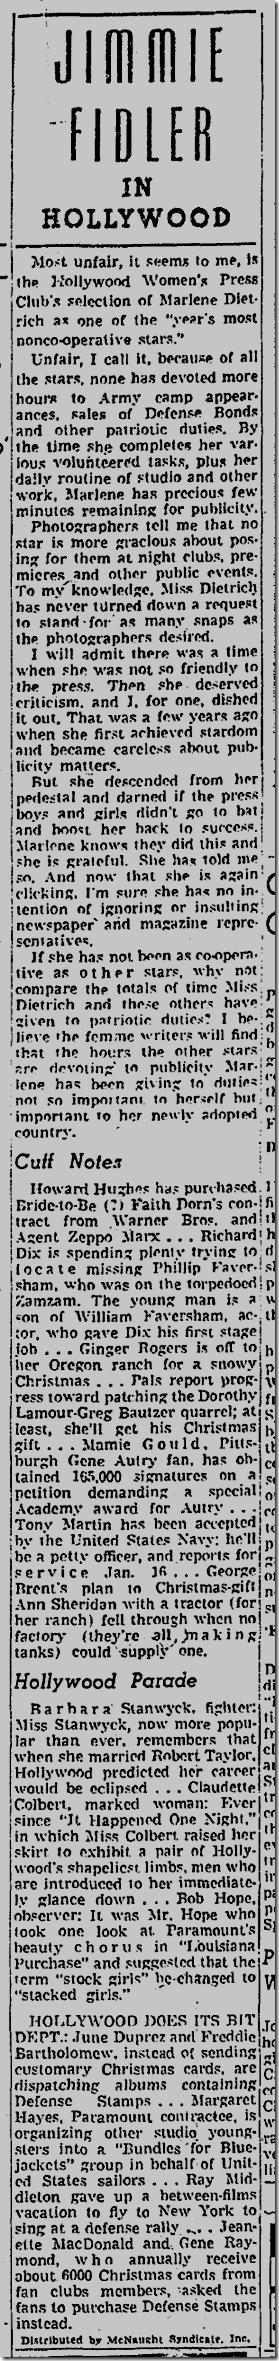 Dec. 22, 1941, Jimmie Fidler